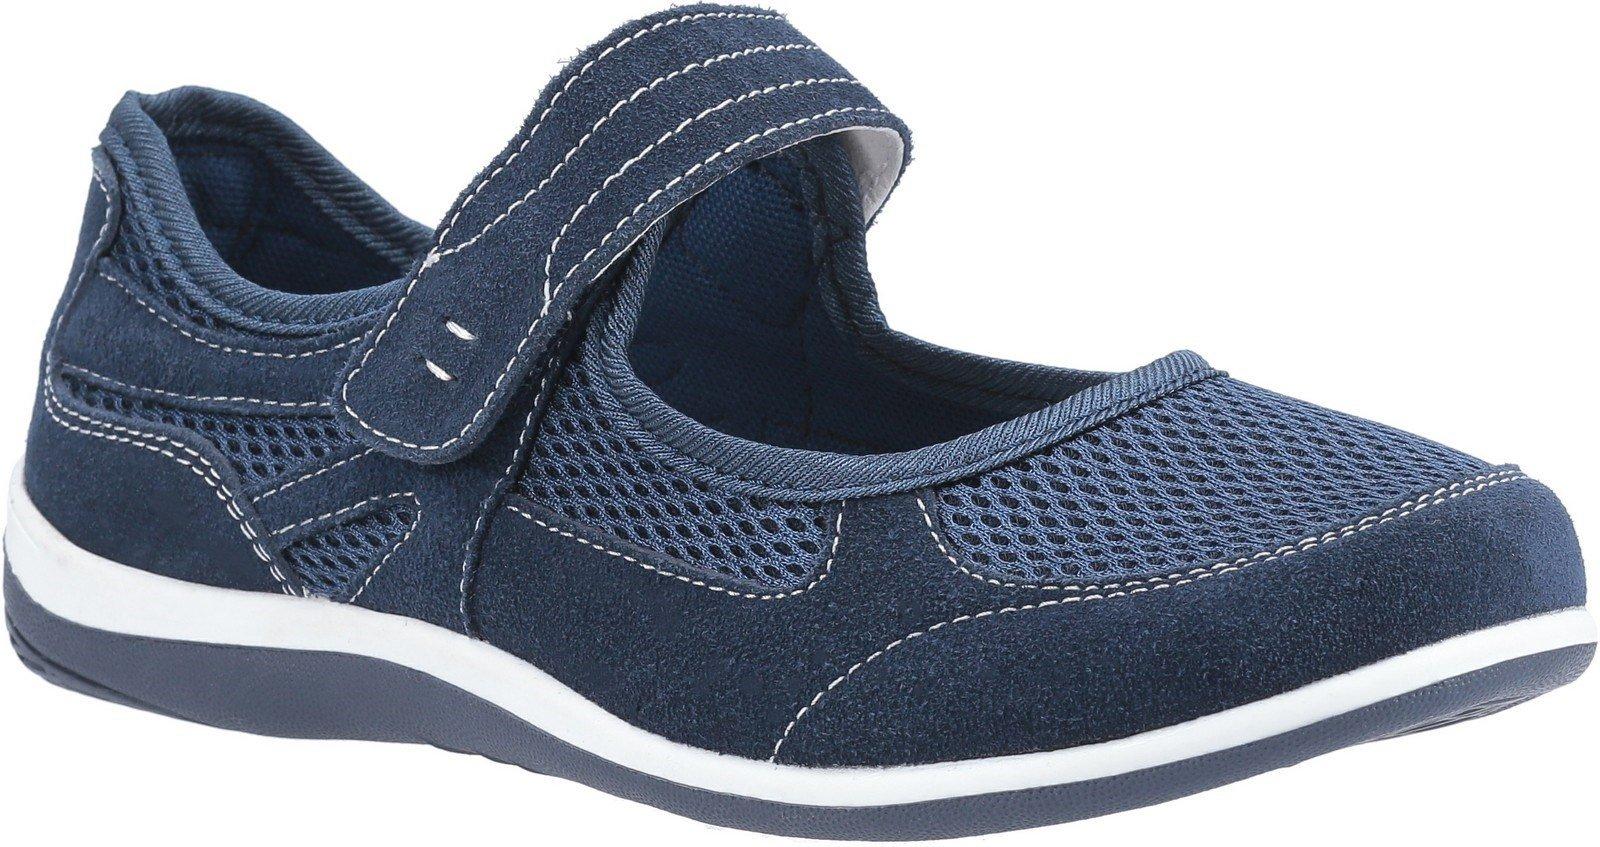 Fleet & Foster Women's Morgan Touch Slip on Sandal Various Colours 30110-51113 - Navy 3